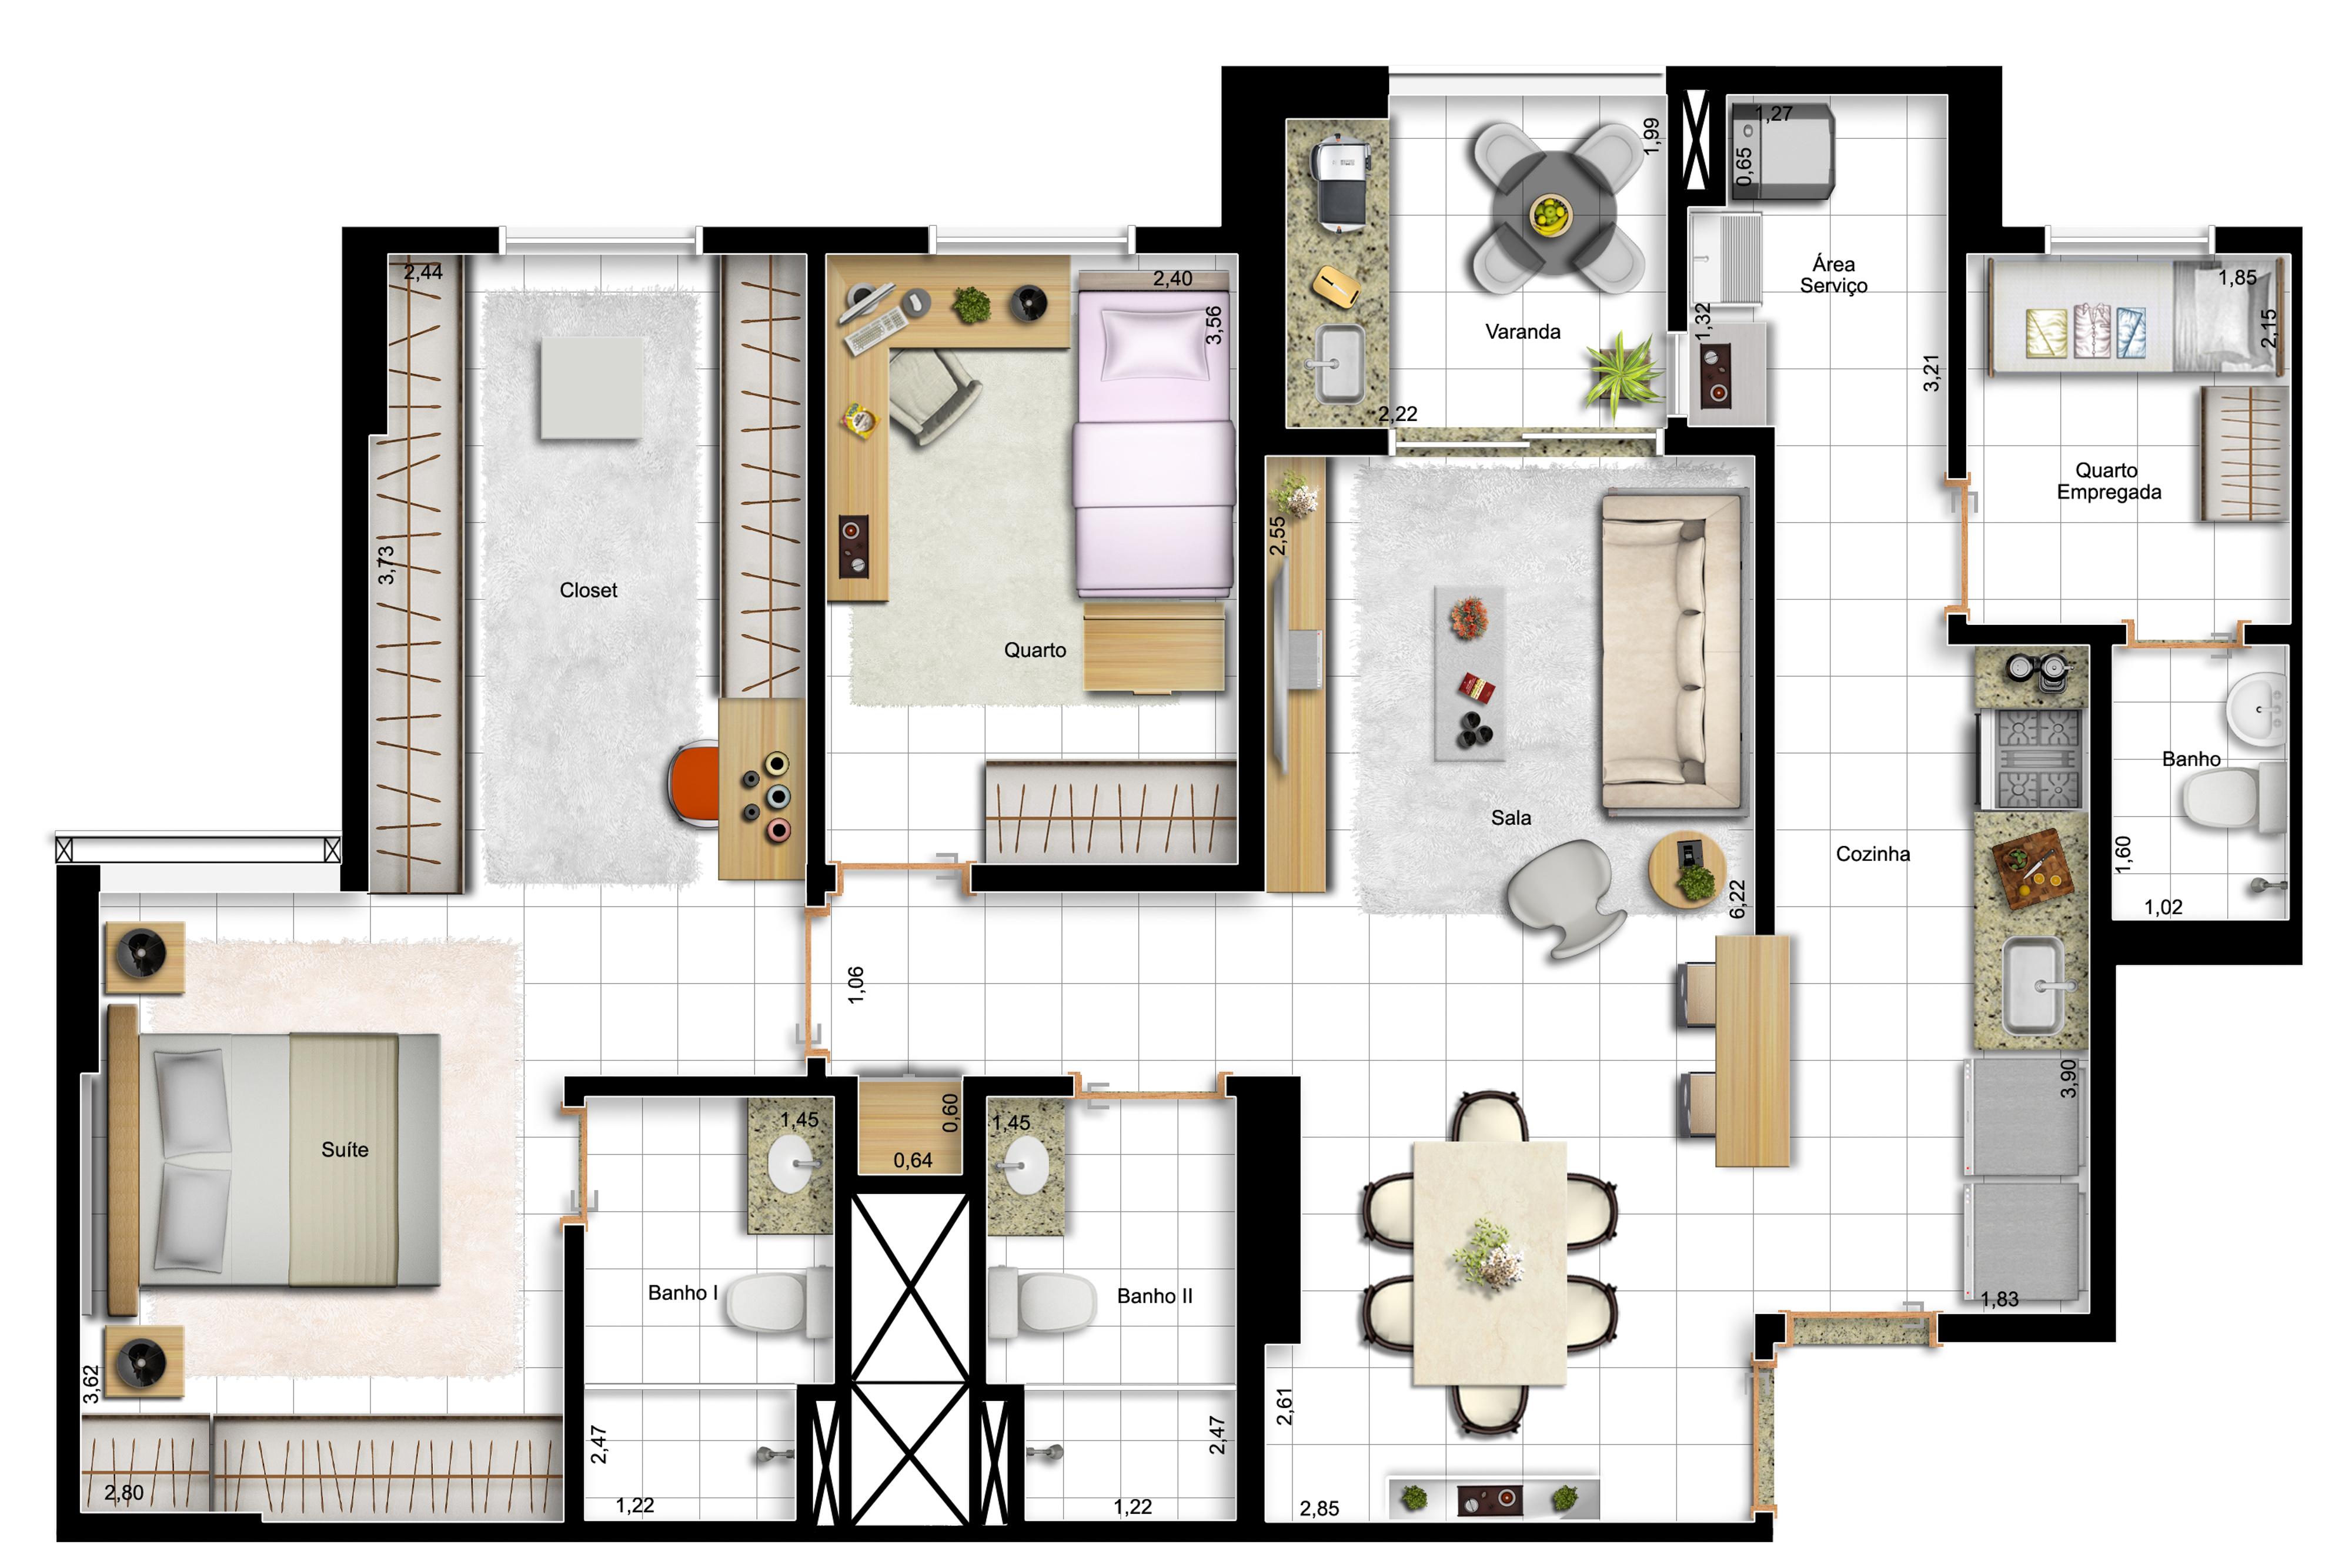 91,63m² 2 dorms - final 13 - suíte master ampliada e cozinha americana